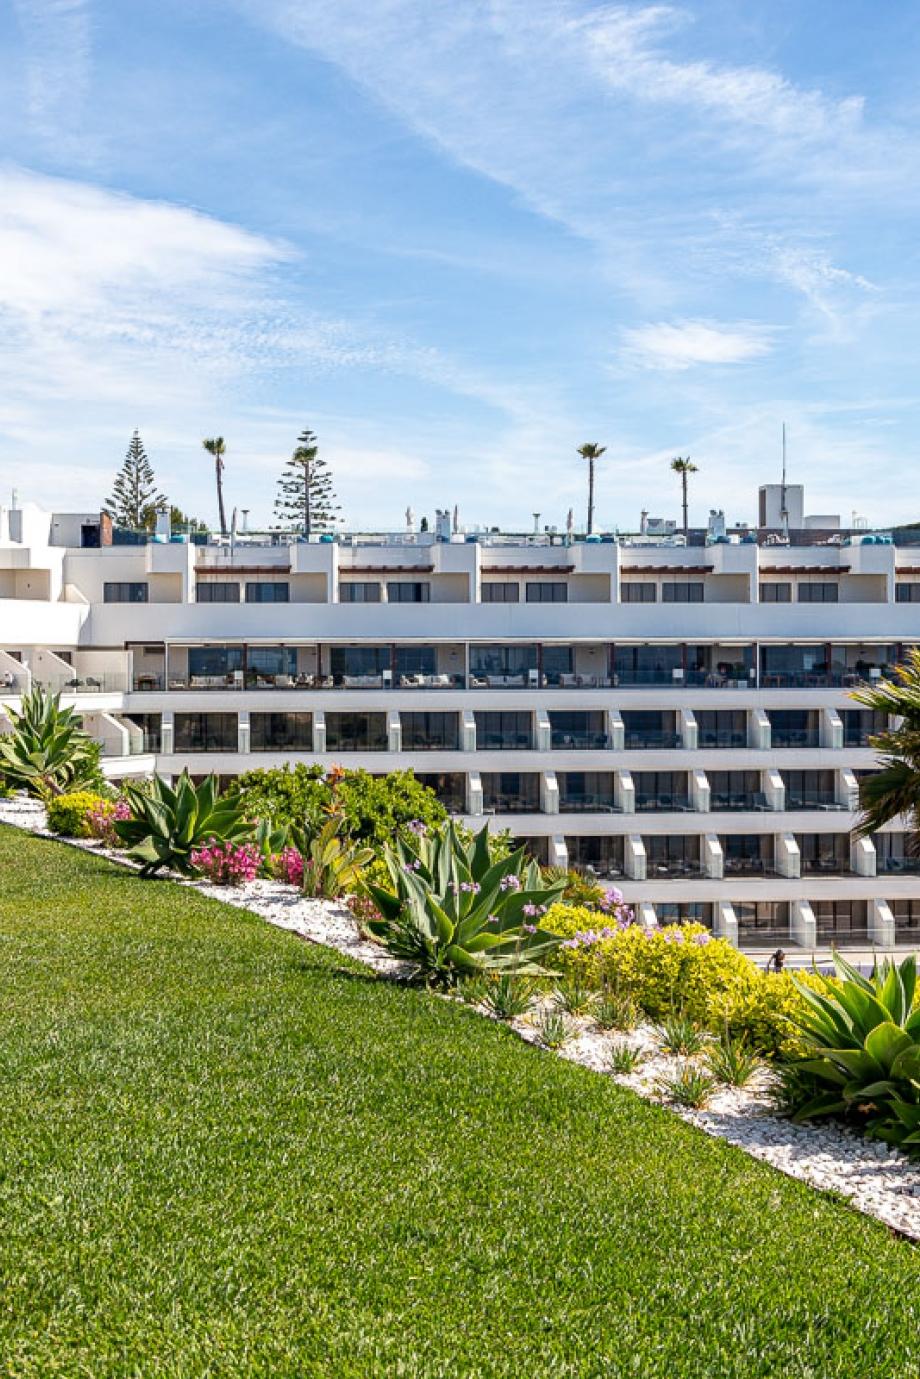 AlgarveCool_Dormir_Tivoli Carvoeiro Algarve Resort